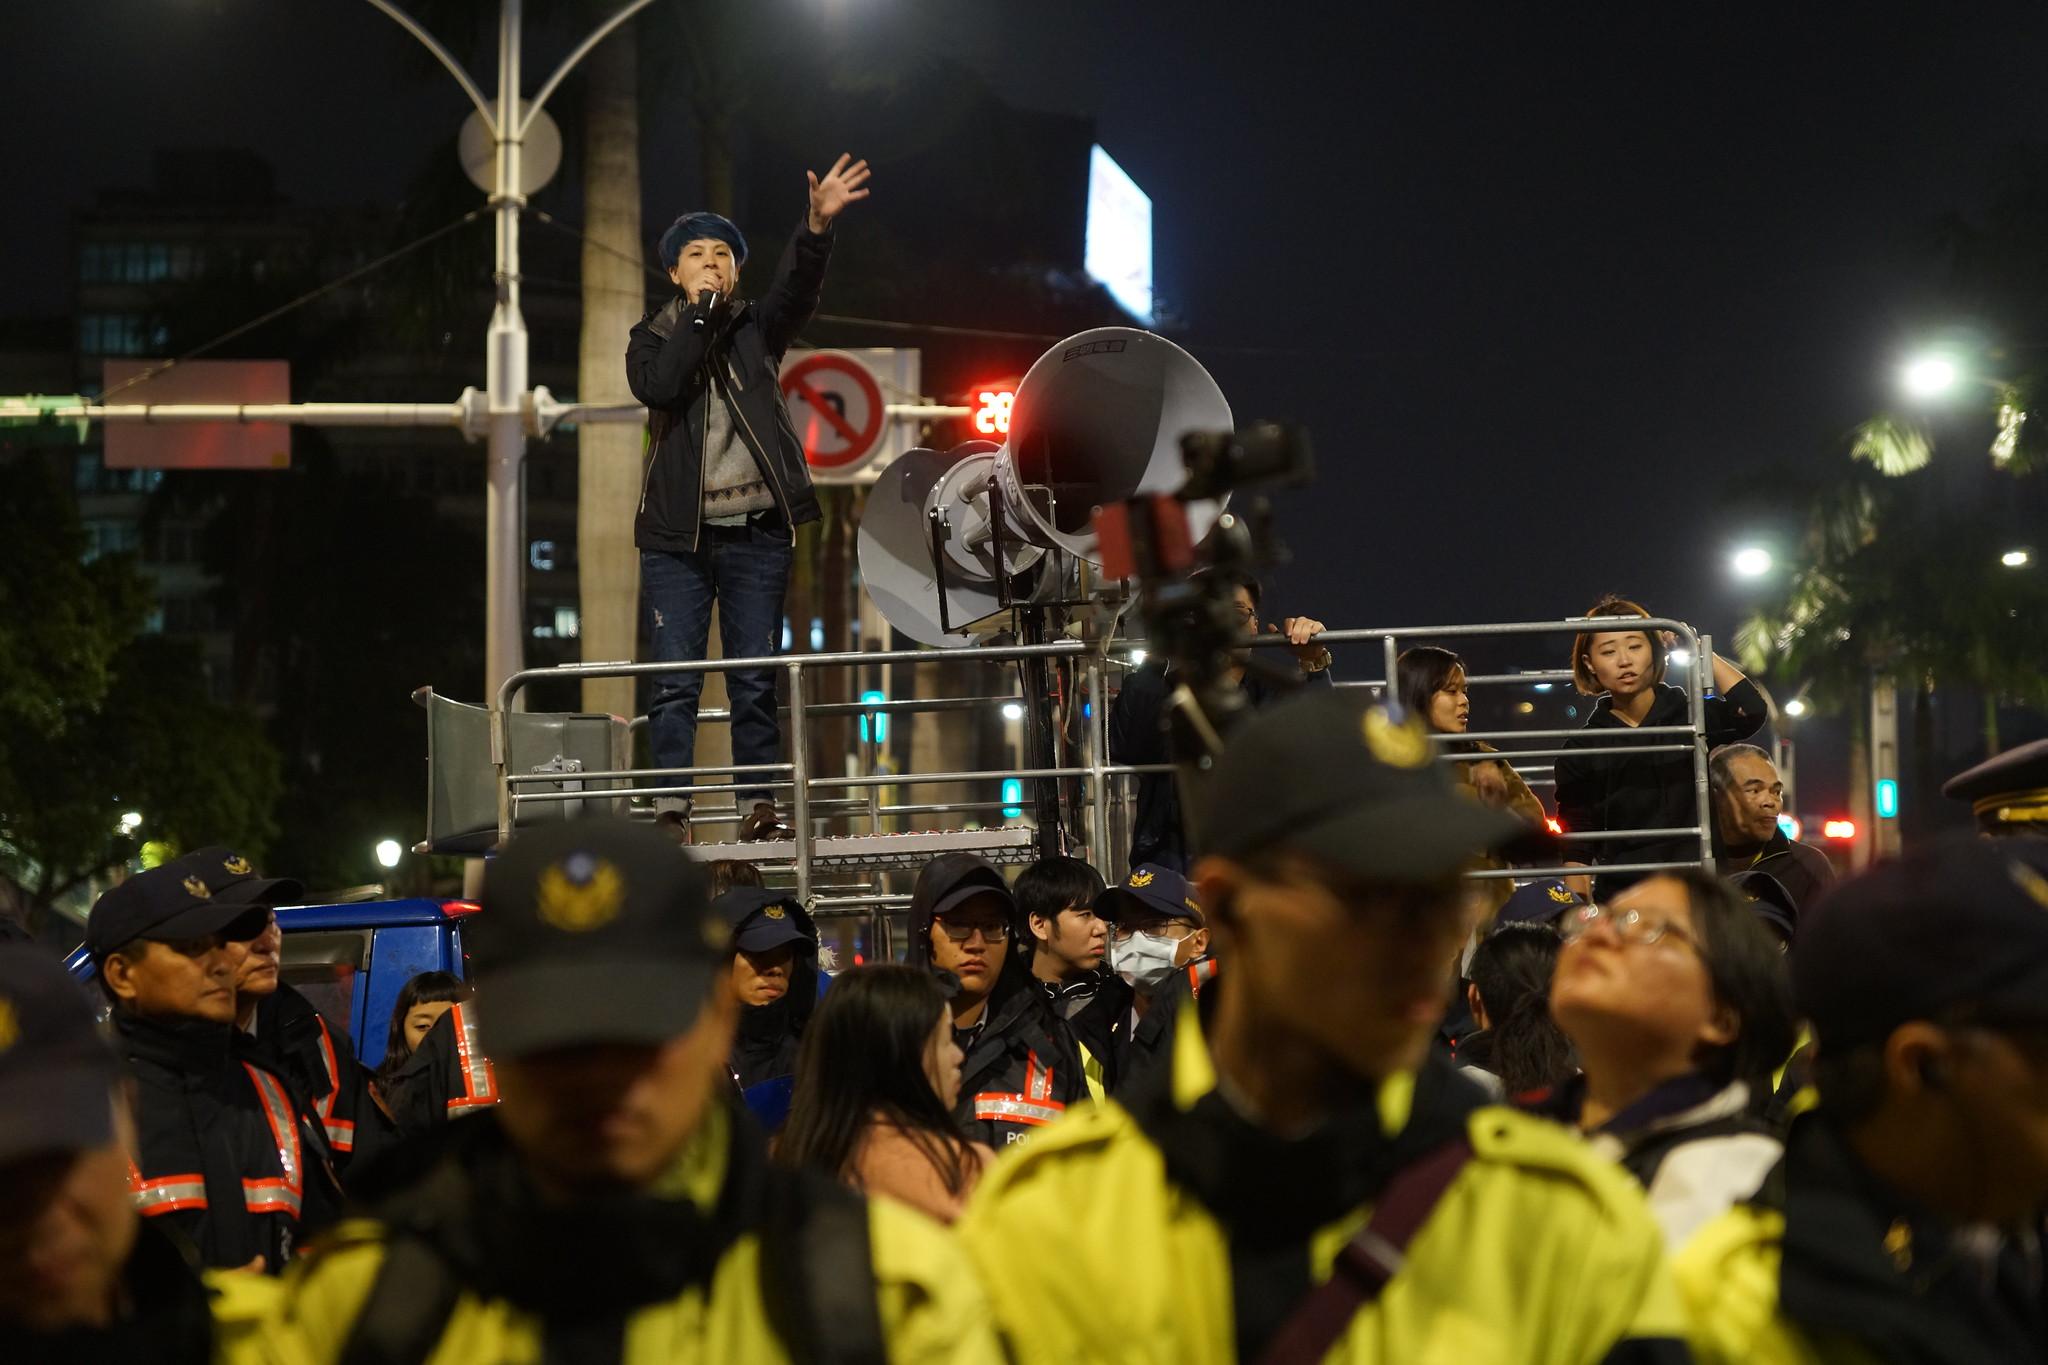 勞團呼籲民眾,參與接下來的大遊行,並約定在一個月後重返立院。(攝影:王顥中)